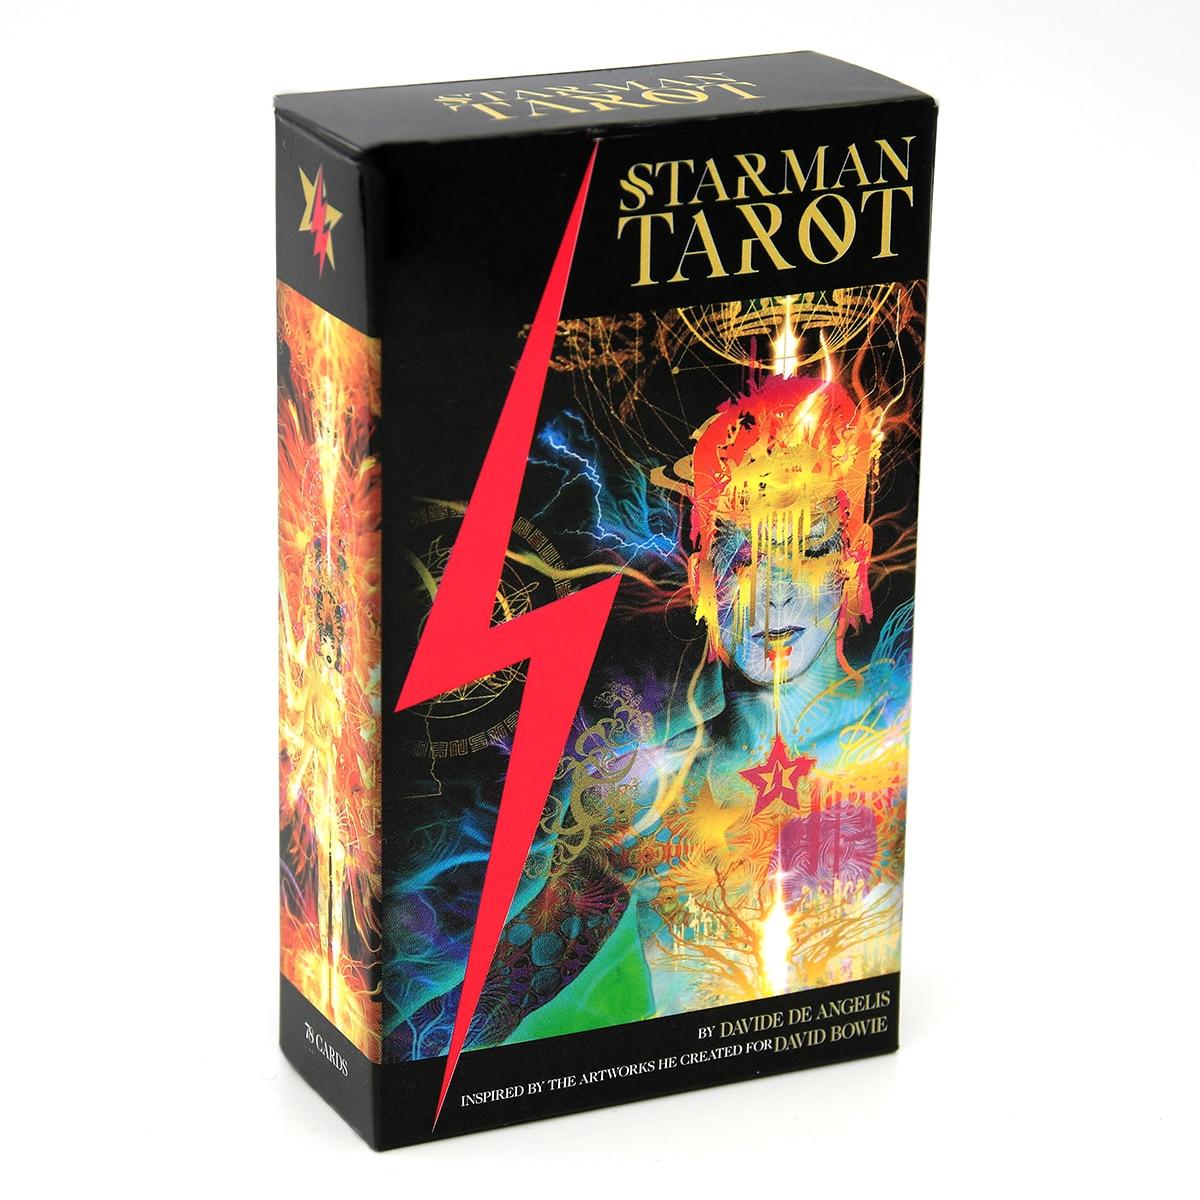 78-Juego De cartas para principiantes, Starman Tarot, Davide, De Angelis, imantado Kit De Tarot E Guidebook, Divination Book